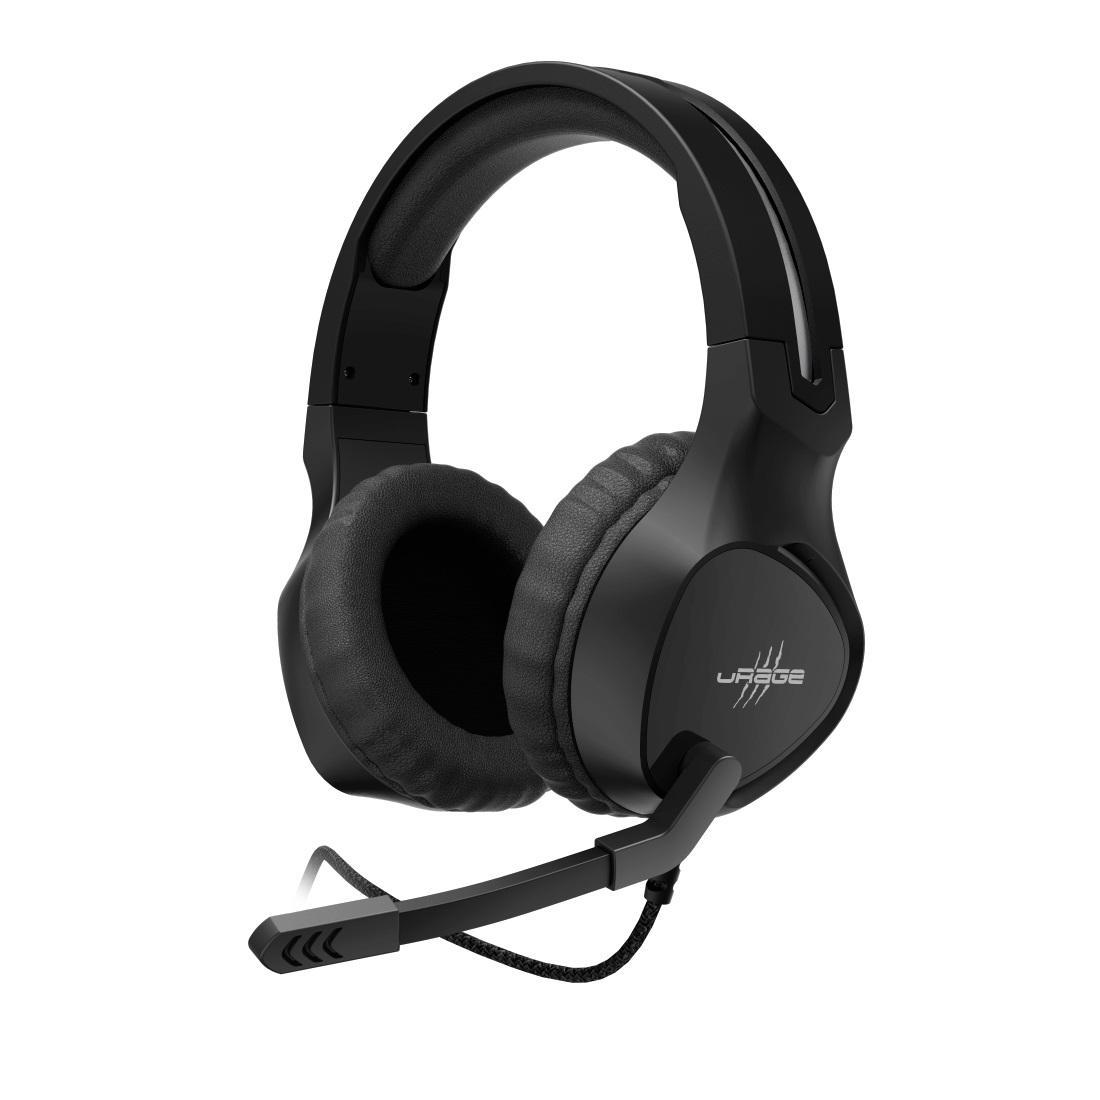 Геймърски слушалки Hama uRage Soundz 300, Микрофон, 3.5мм жак, Черен